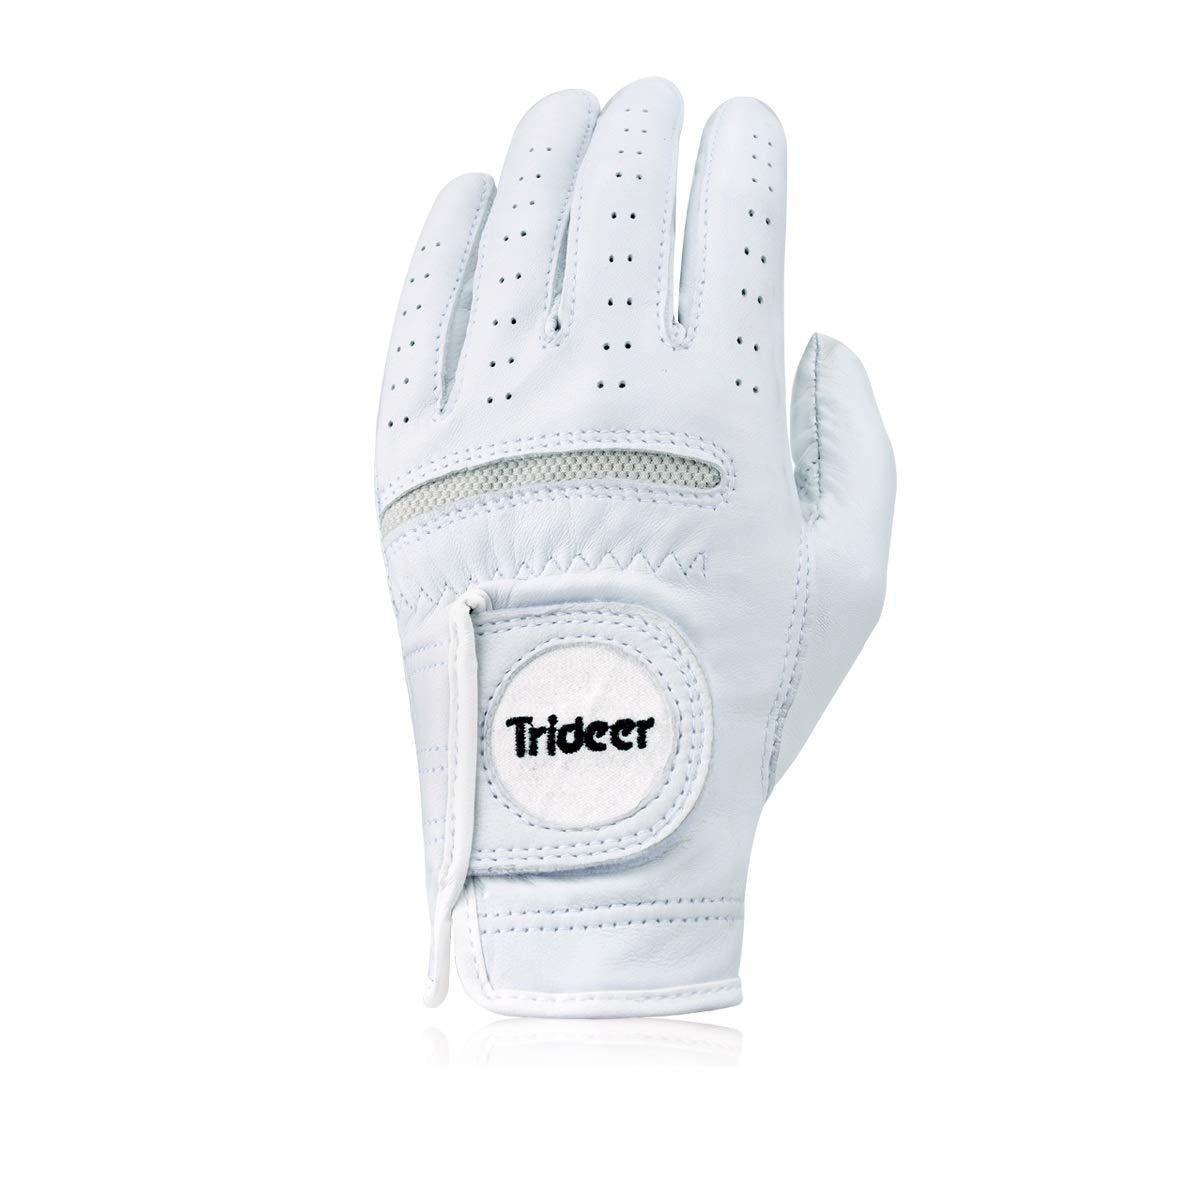 trideer純正羊革ゴルフグローブ、通気性&超軽量、メンズ&レディース Medium  B077ZW98F5